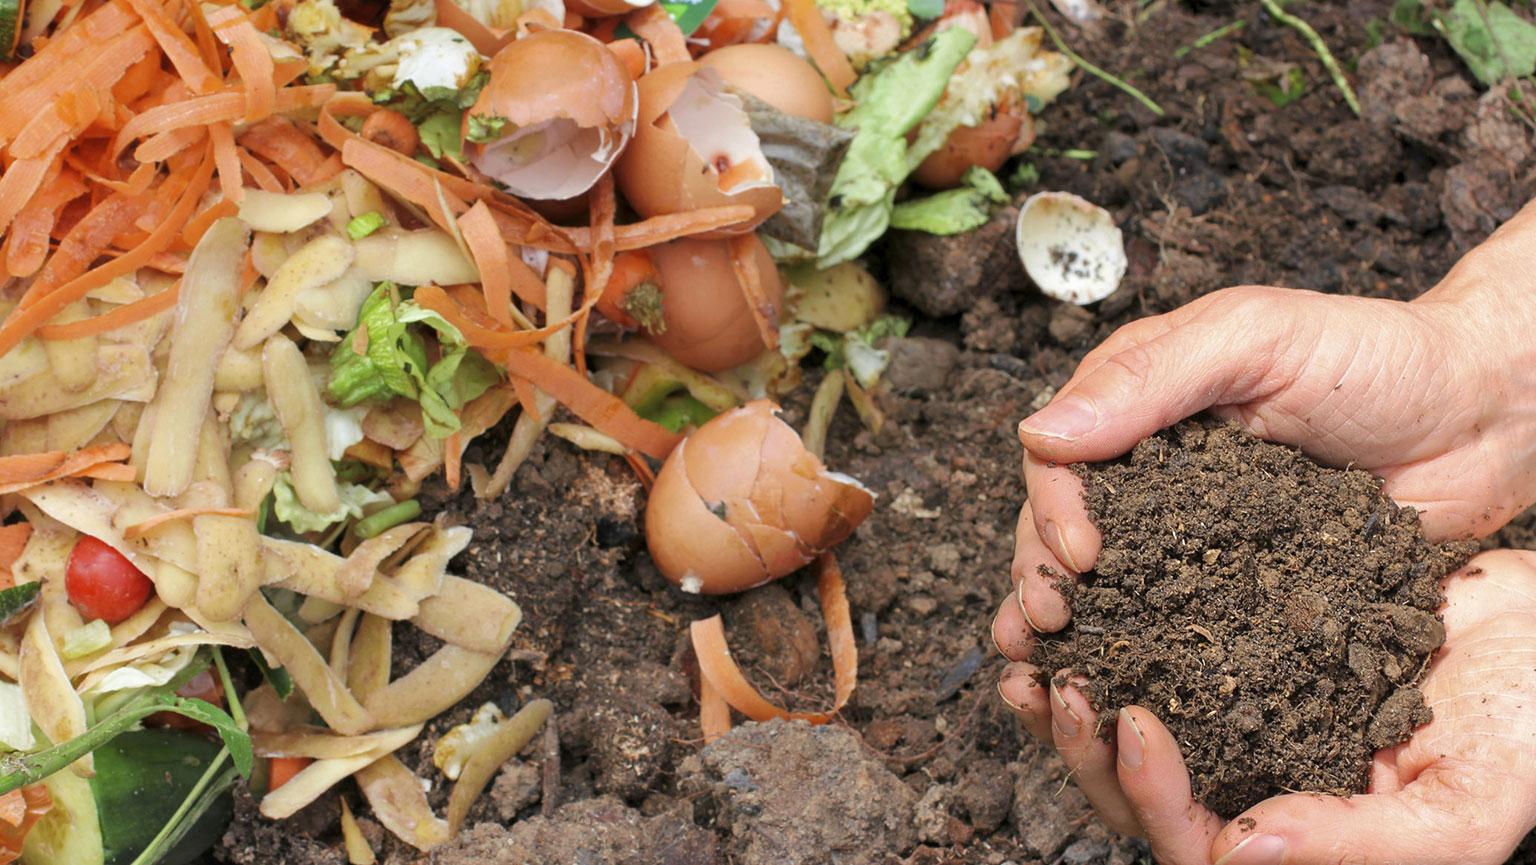 成都市绿康有机肥有限公司_厨余利用蚯蚓堆肥